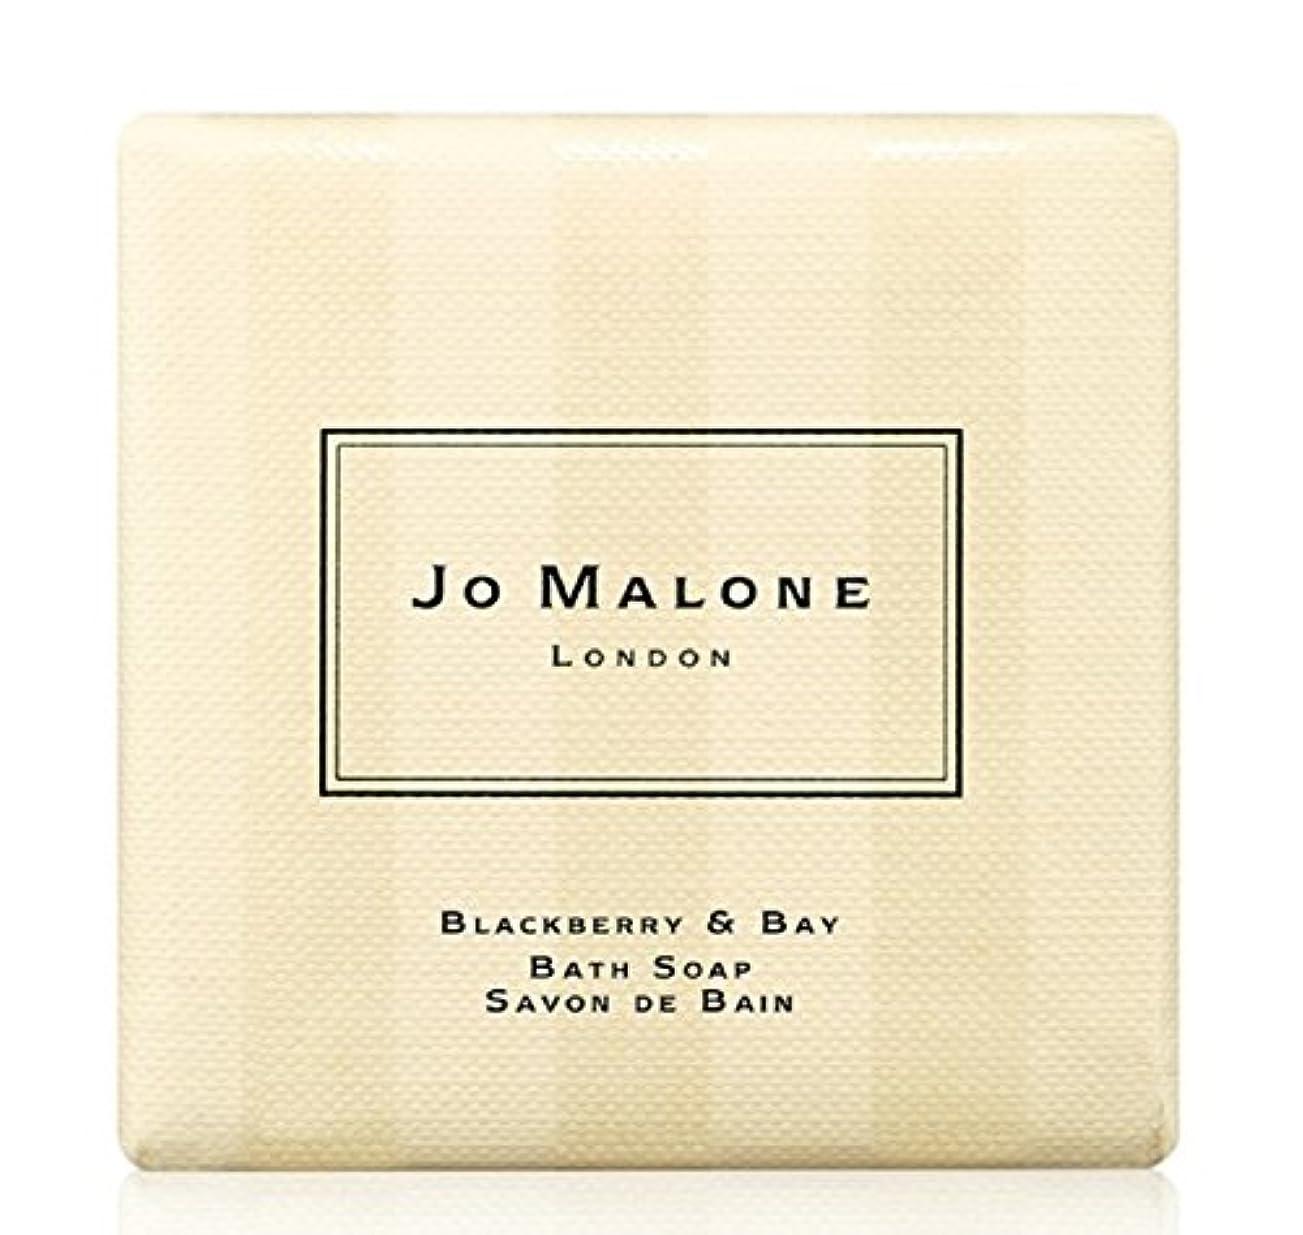 研磨腐った自治的ジョーマローン ブラックベリー&ベイ バス ソープ 石鹸 100 g